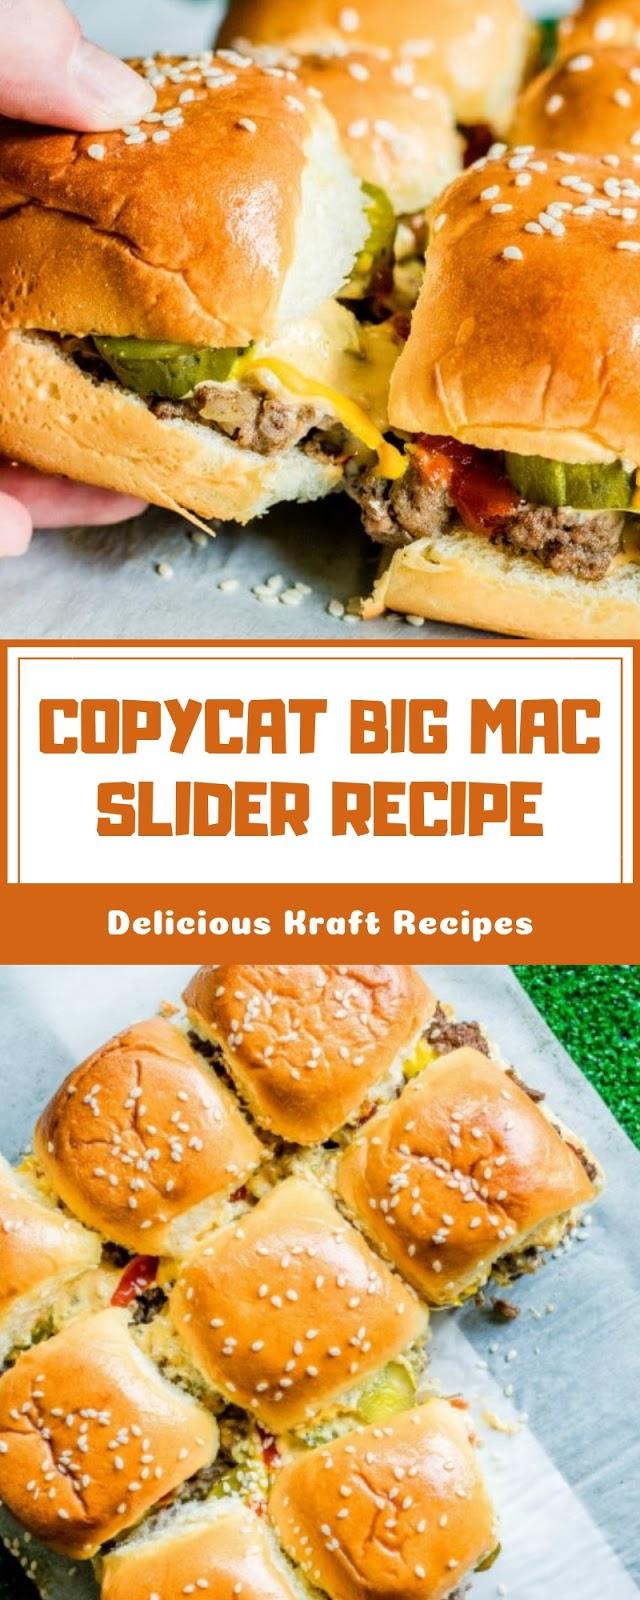 COPYCAT BIG MAC SLIDER RECIPE